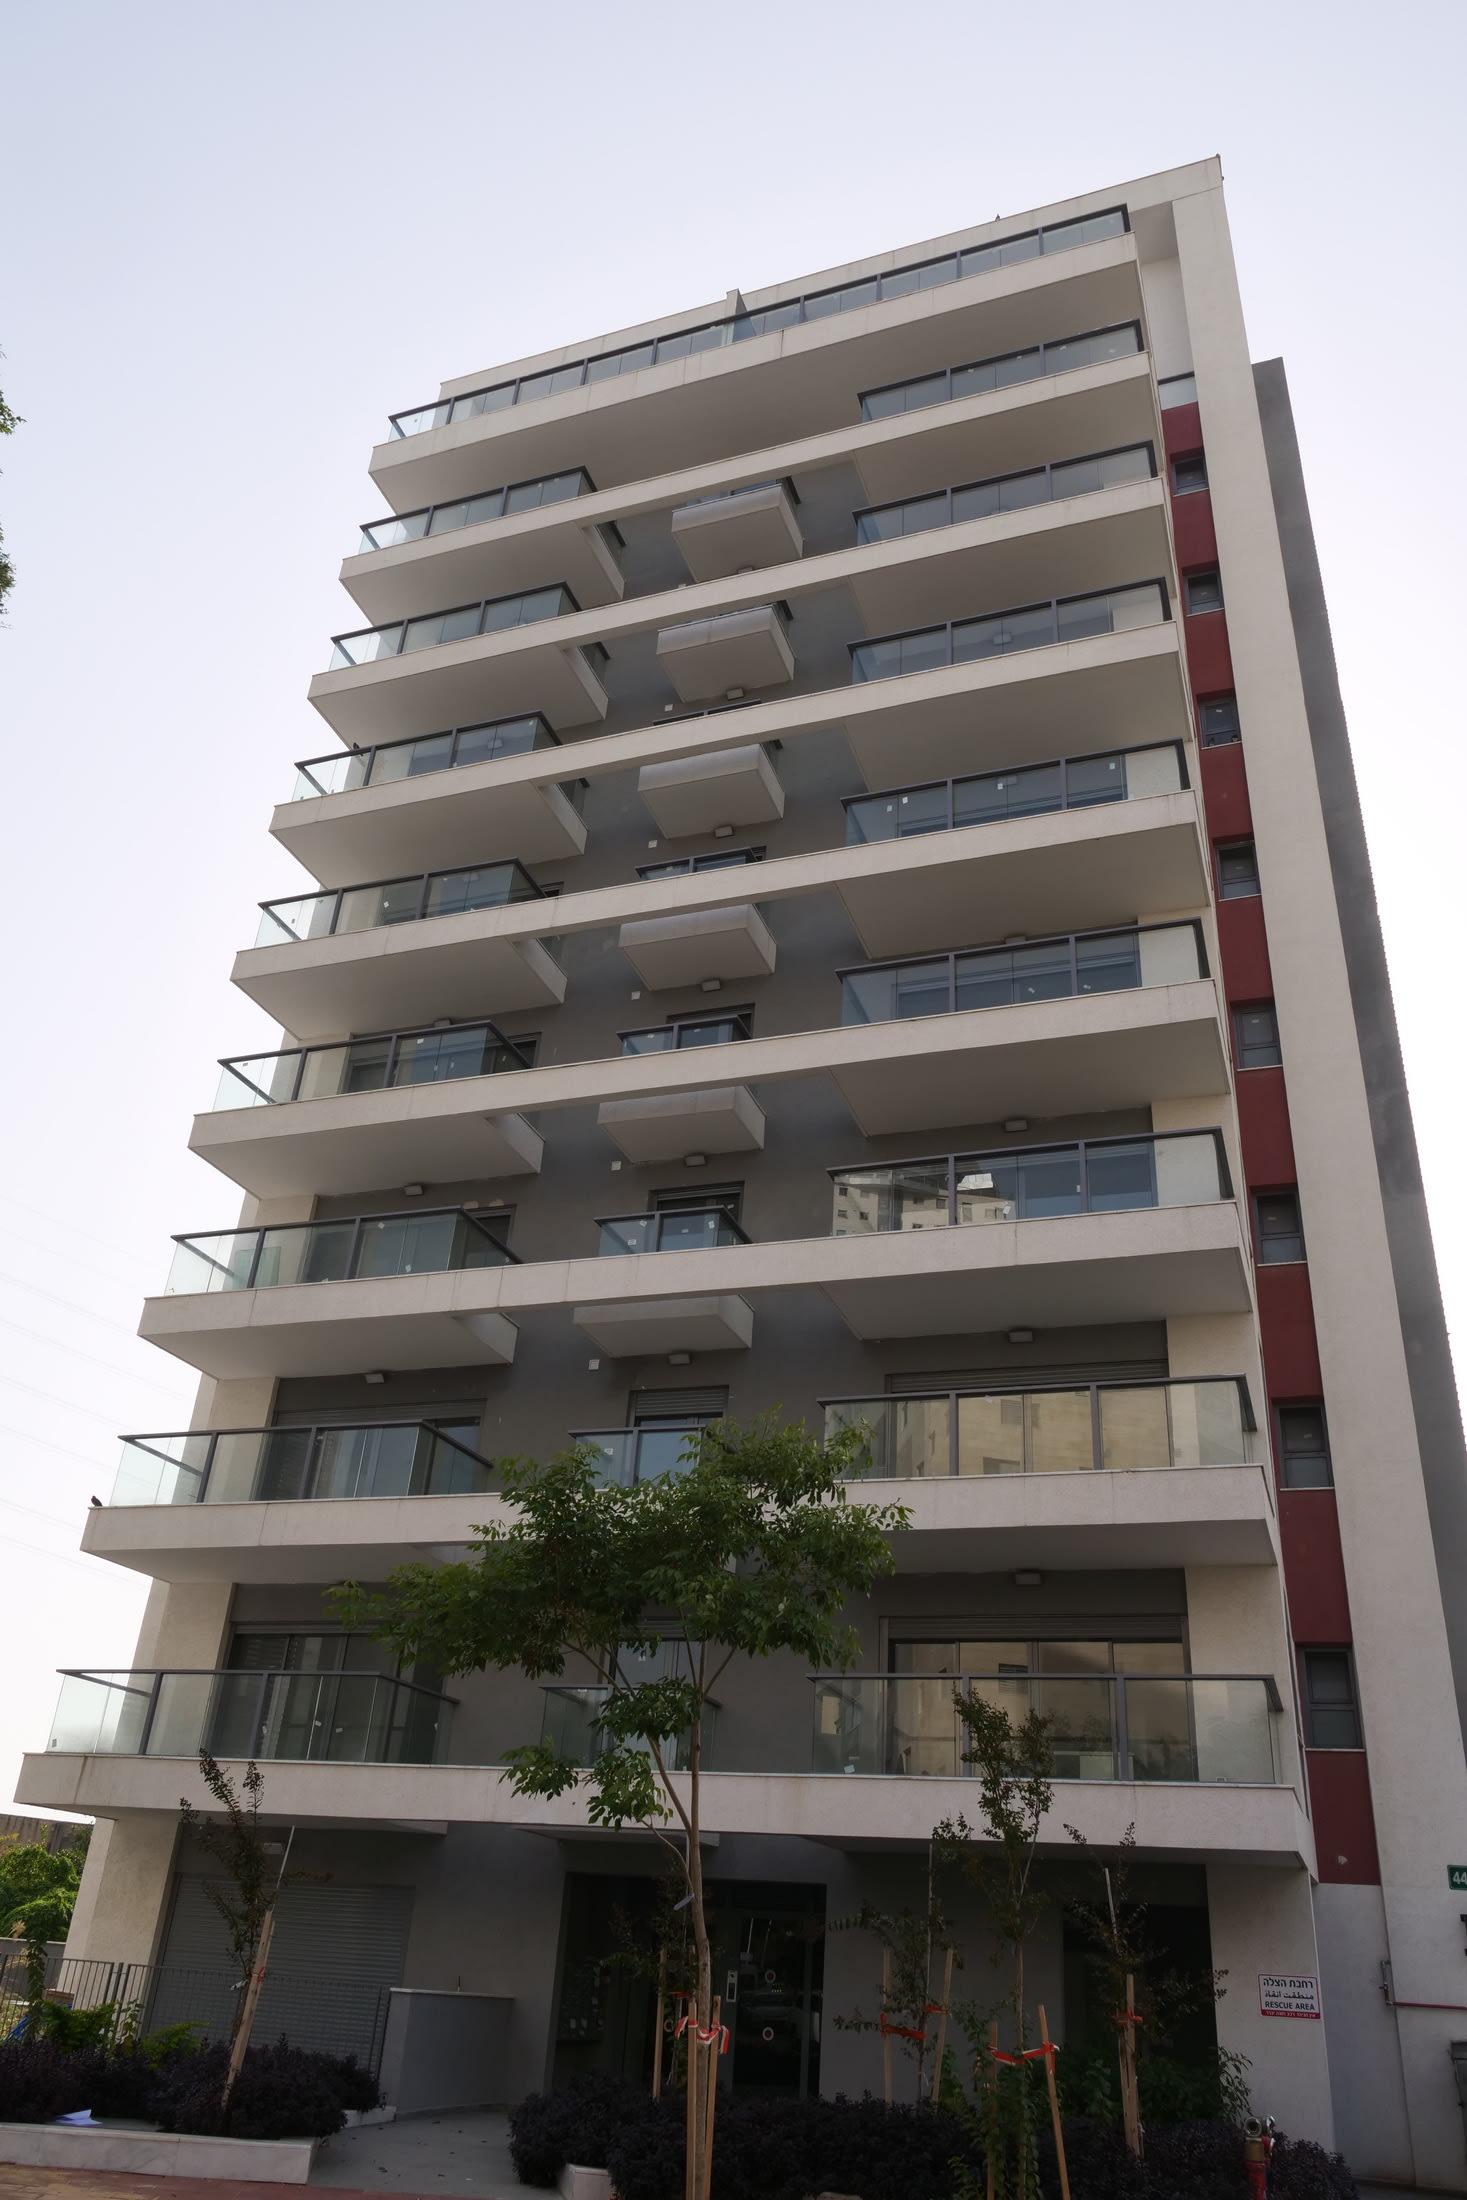 הבניין ברחוב נווה יהושע 44 ברמת גן / צילום: תמר מצפי